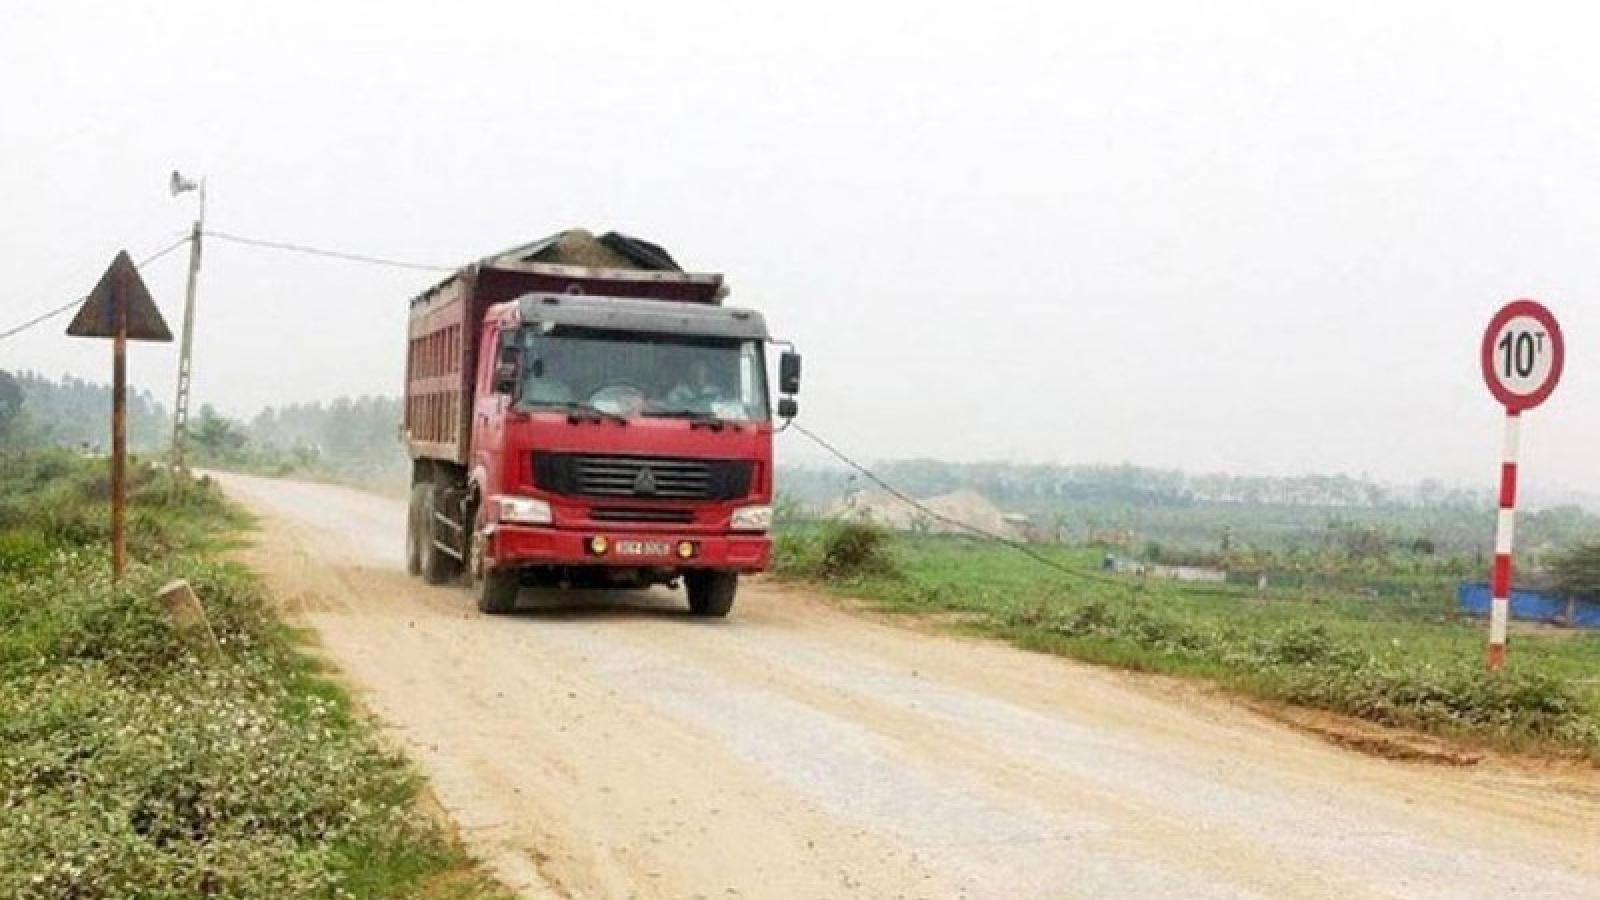 Hà Nội: Vi phạm chở quá tải 100%, 1 lái xe bị tước GPLX 3 tháng